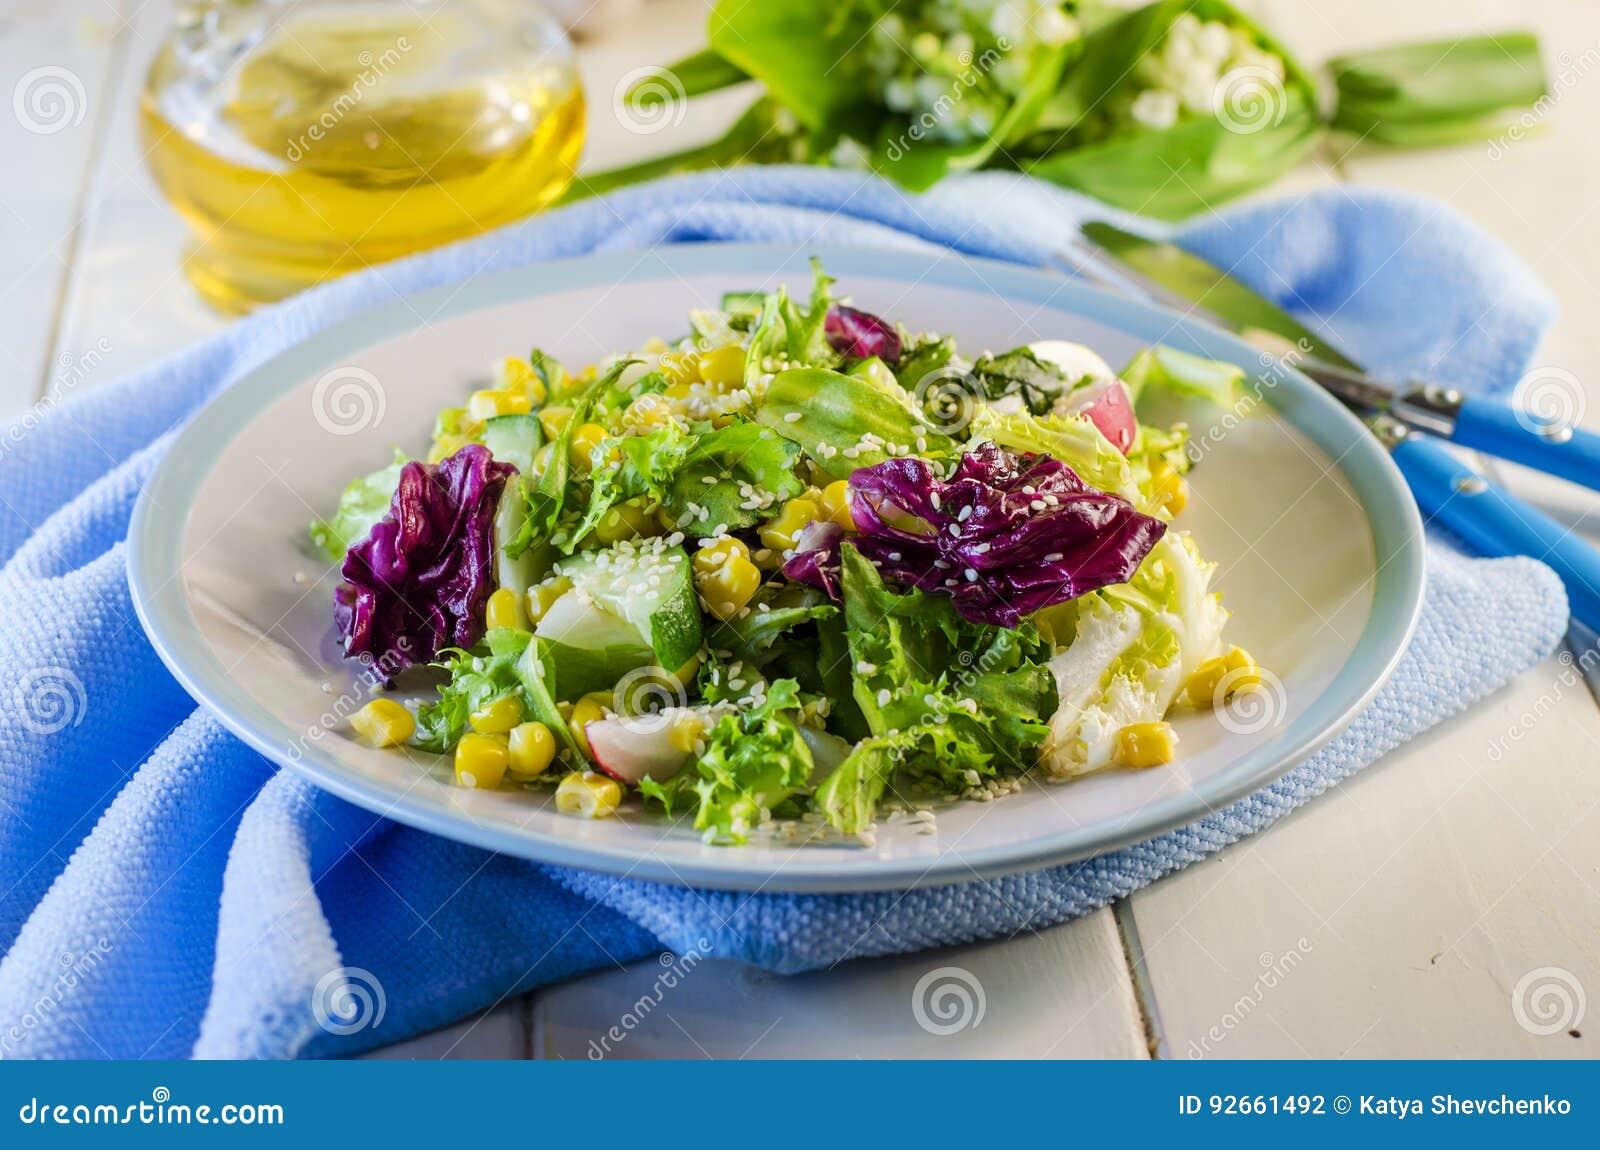 salade verte diététique fraîche photo stock - image du sain